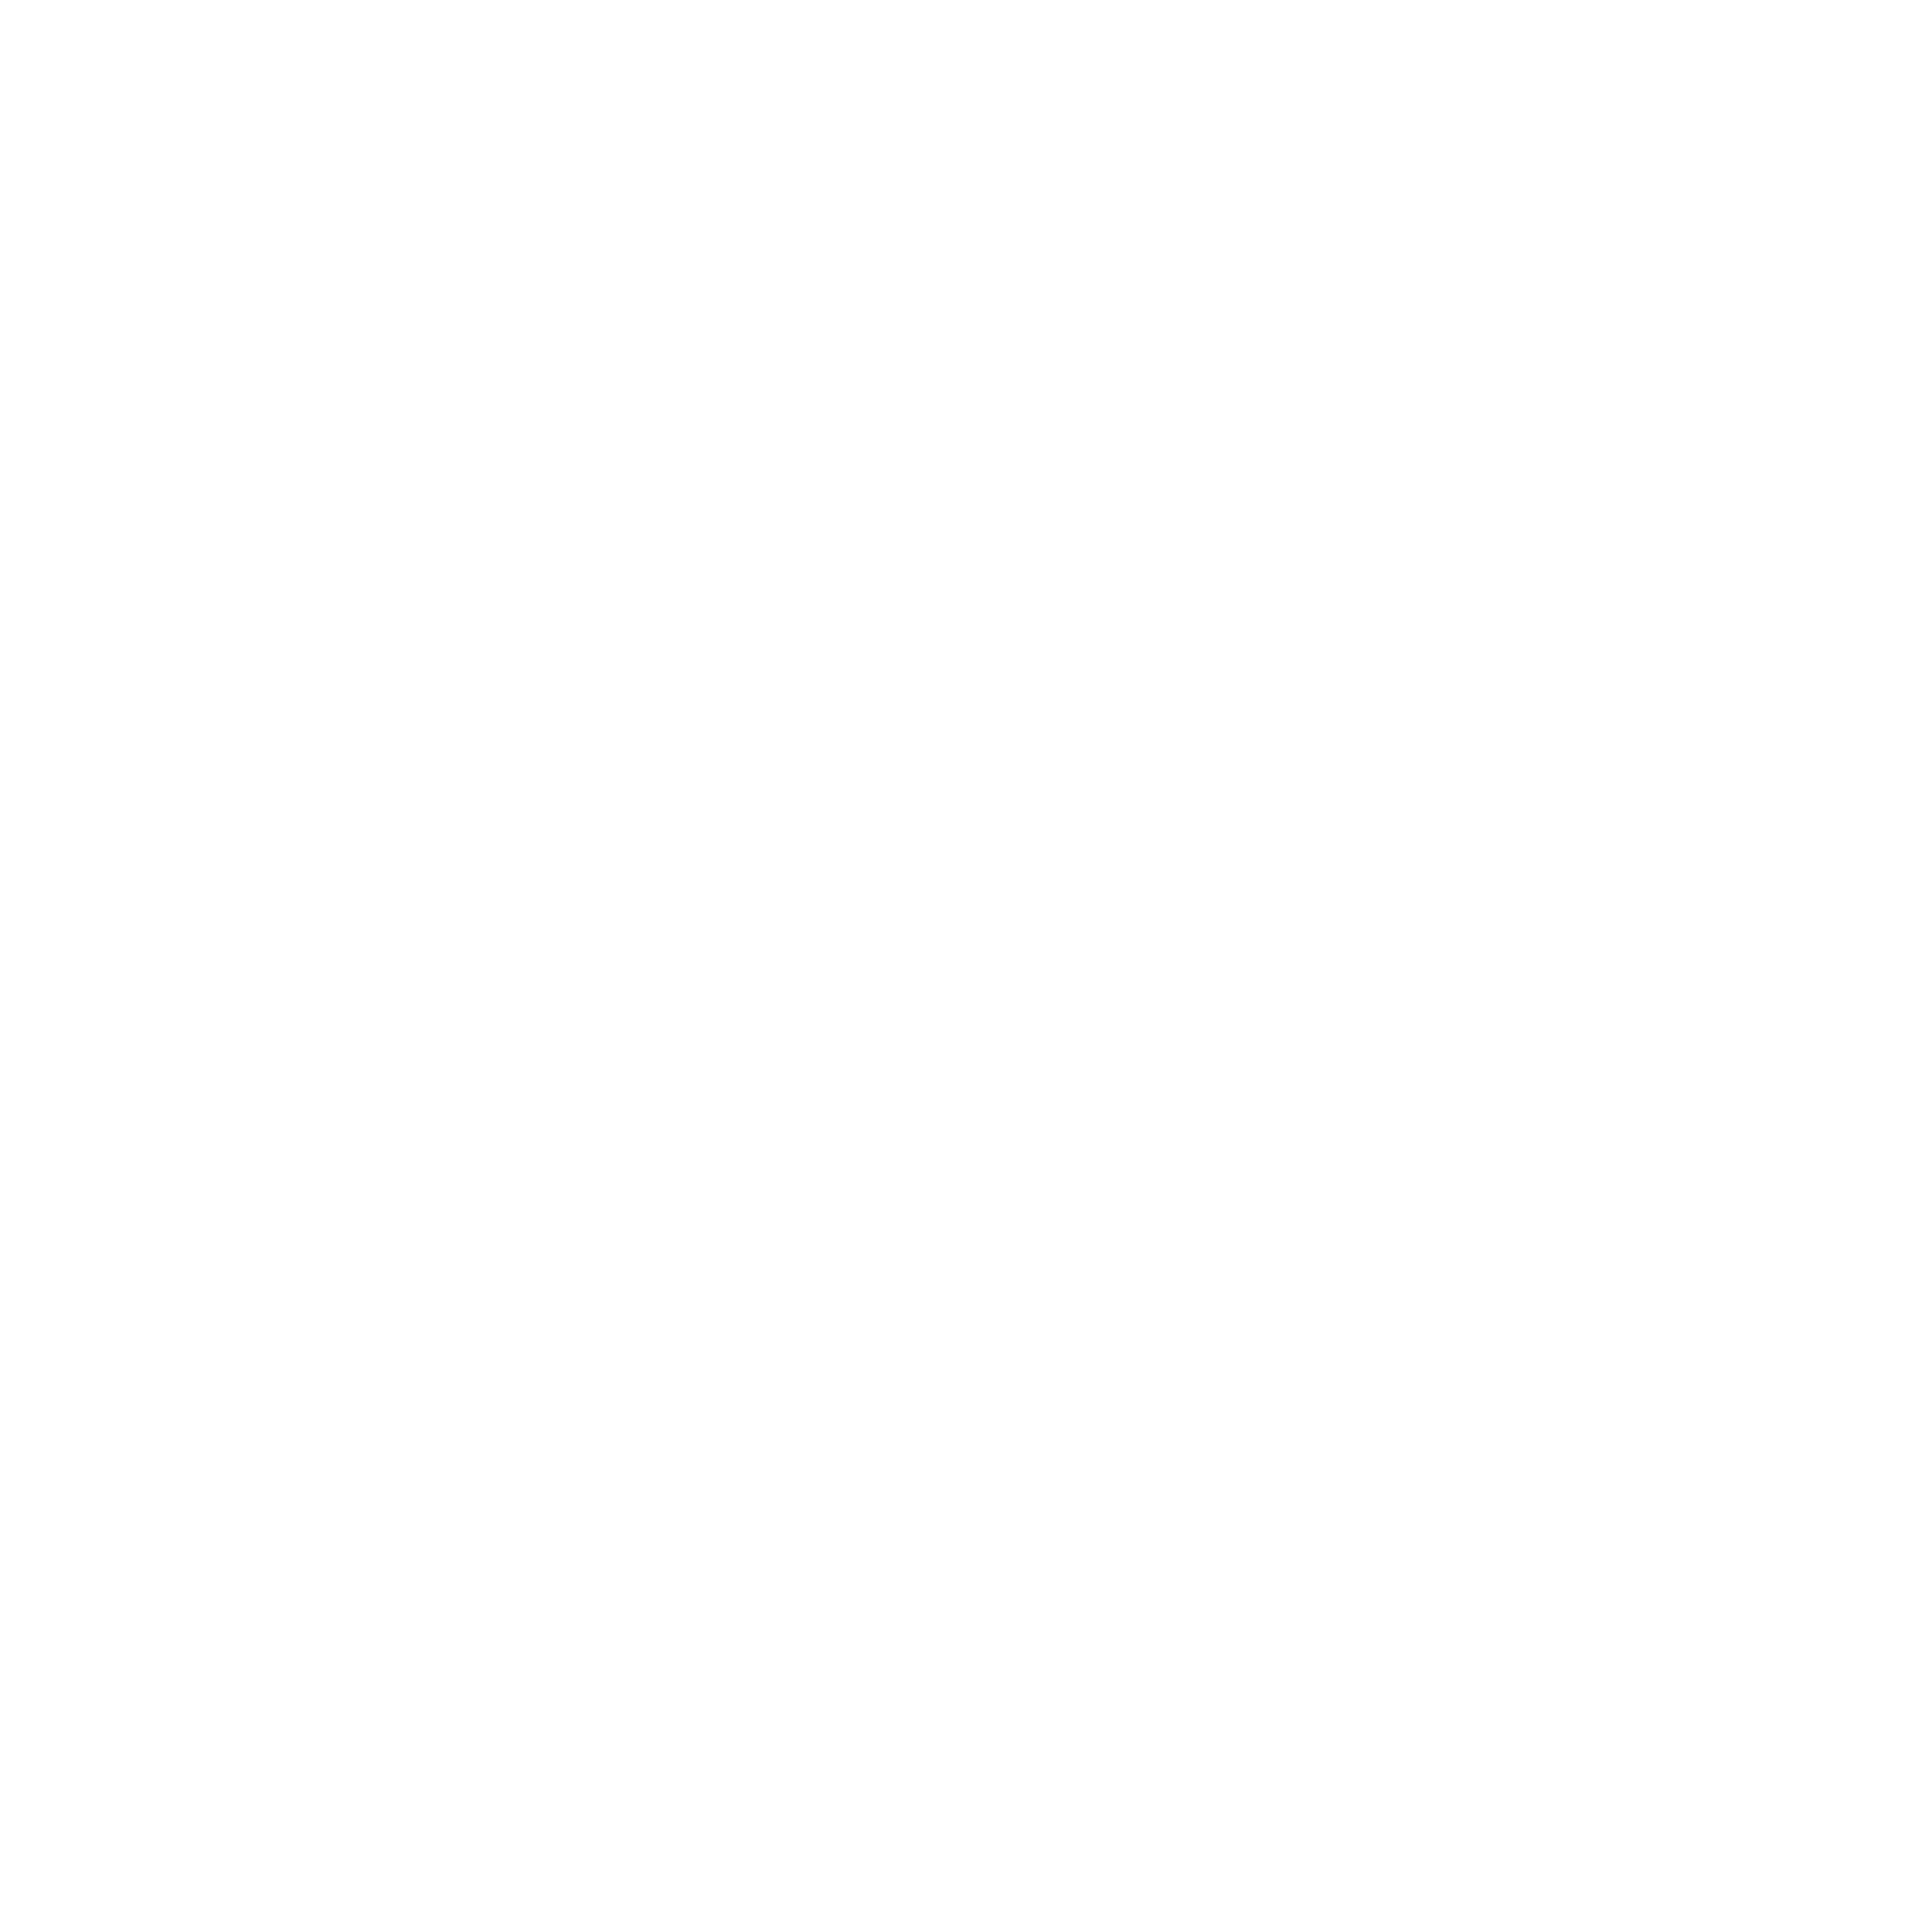 文化部白底logo